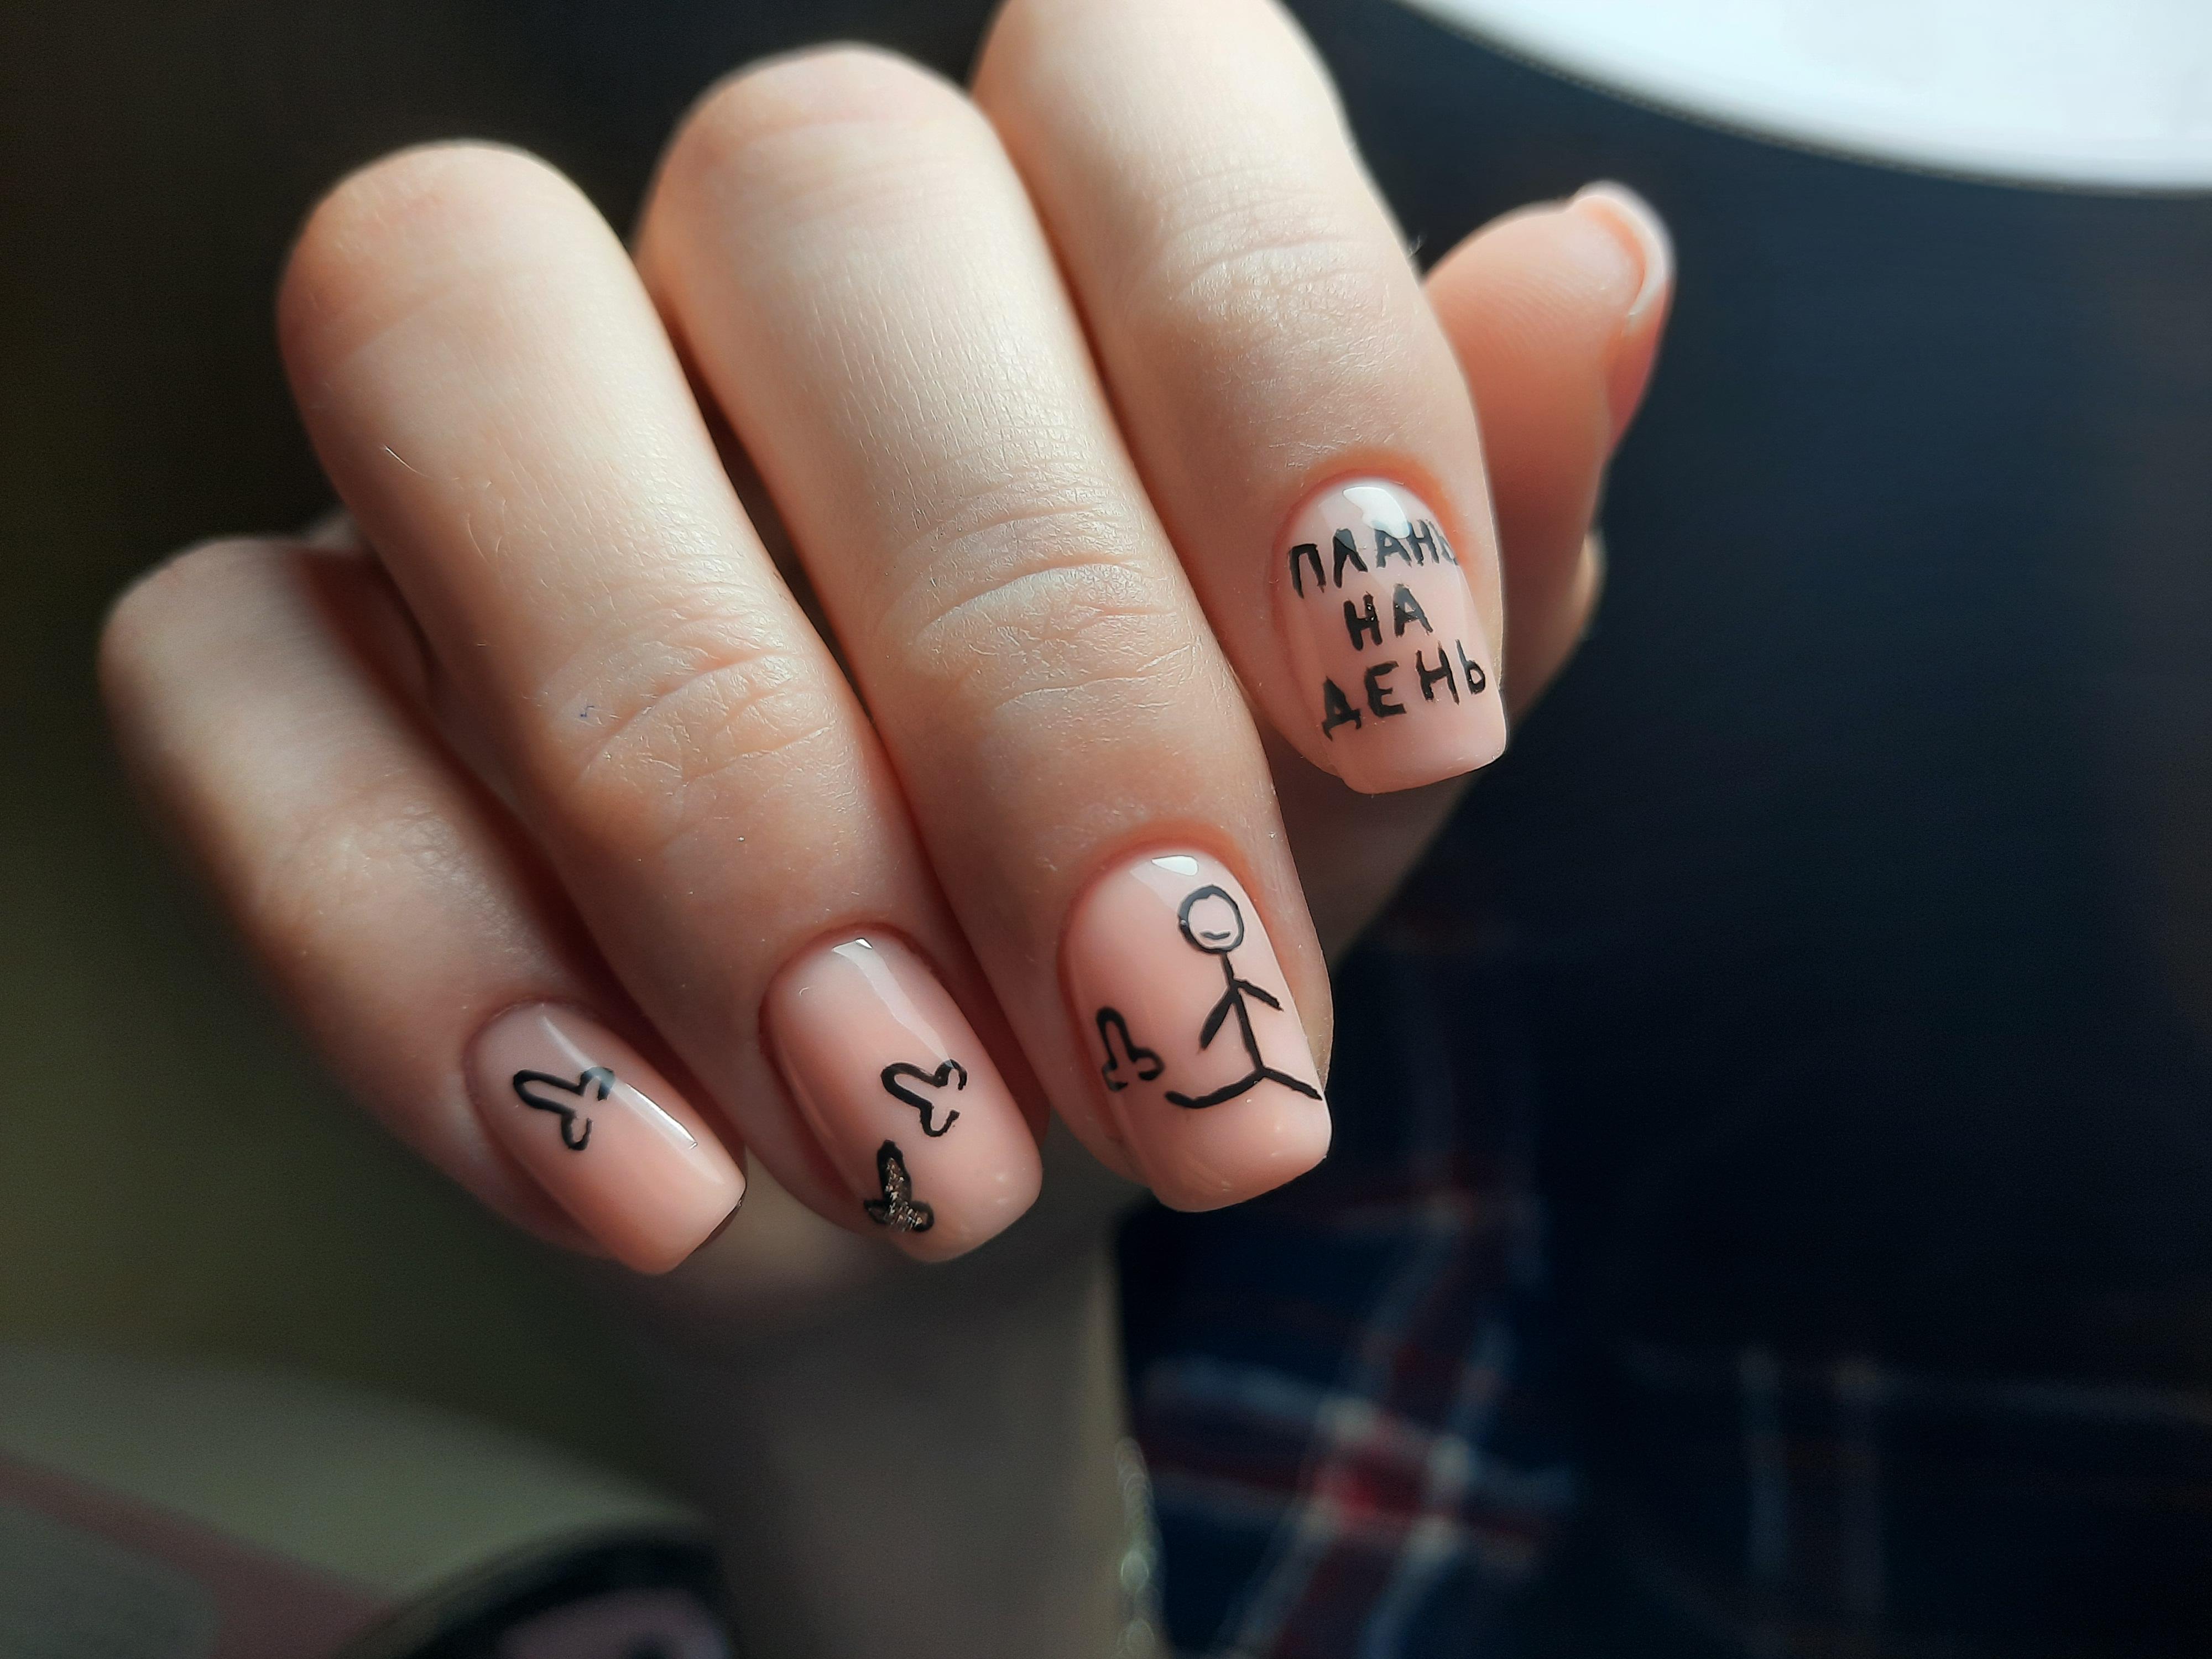 Нюдовый маникюр с рисунком и надписями на короткие ногти.